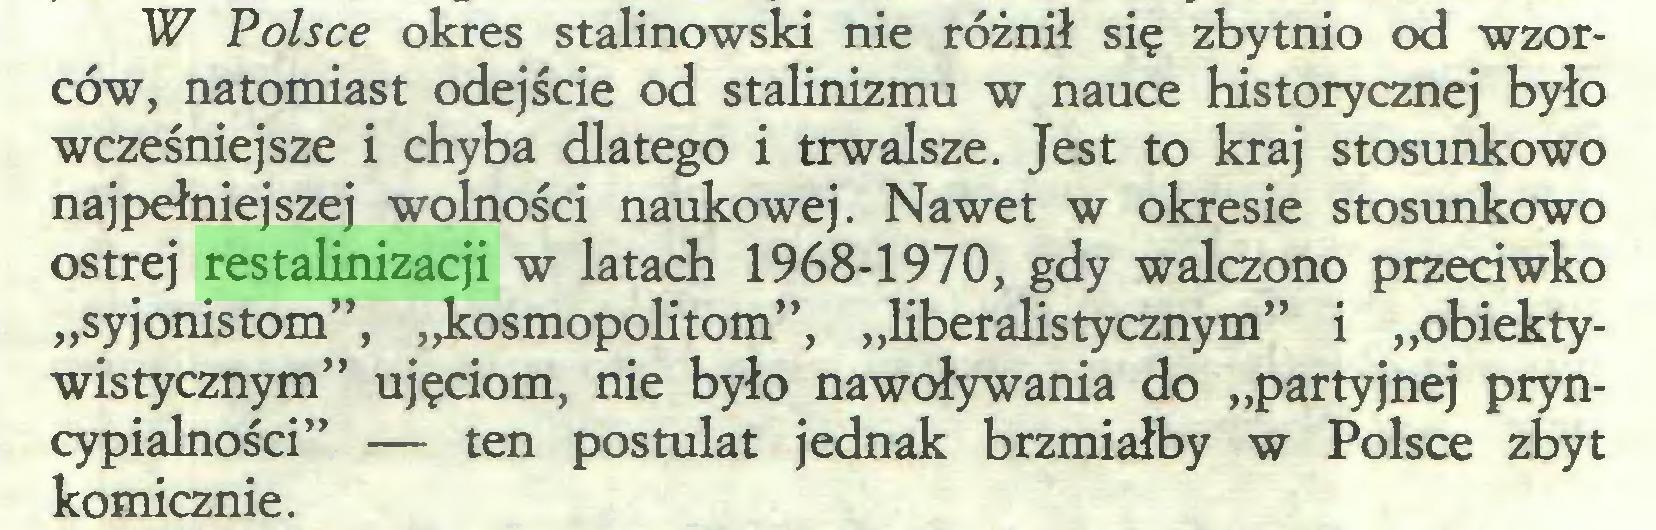 """(...) W Polsce okres stalinowski nie różnił się zbytnio od wzorców, natomiast odejście od stalinizmu w nauce historycznej było wcześniejsze i chyba dlatego i trwalsze. Jest to kraj stosunkowo najpełniejszej wolności naukowej. Nawet w okresie stosunkowo ostrej restalinizacji w latach 1968-1970, gdy walczono przeciwko """"syjonistom"""", """"kosmopolitom"""", """"liberalistycznym"""" i """"obiektywistycznym"""" ujęciom, nie było nawoływania do """"partyjnej pryncypialności"""" — ten postulat jednak brzmiałby w Polsce zbyt komicznie..."""